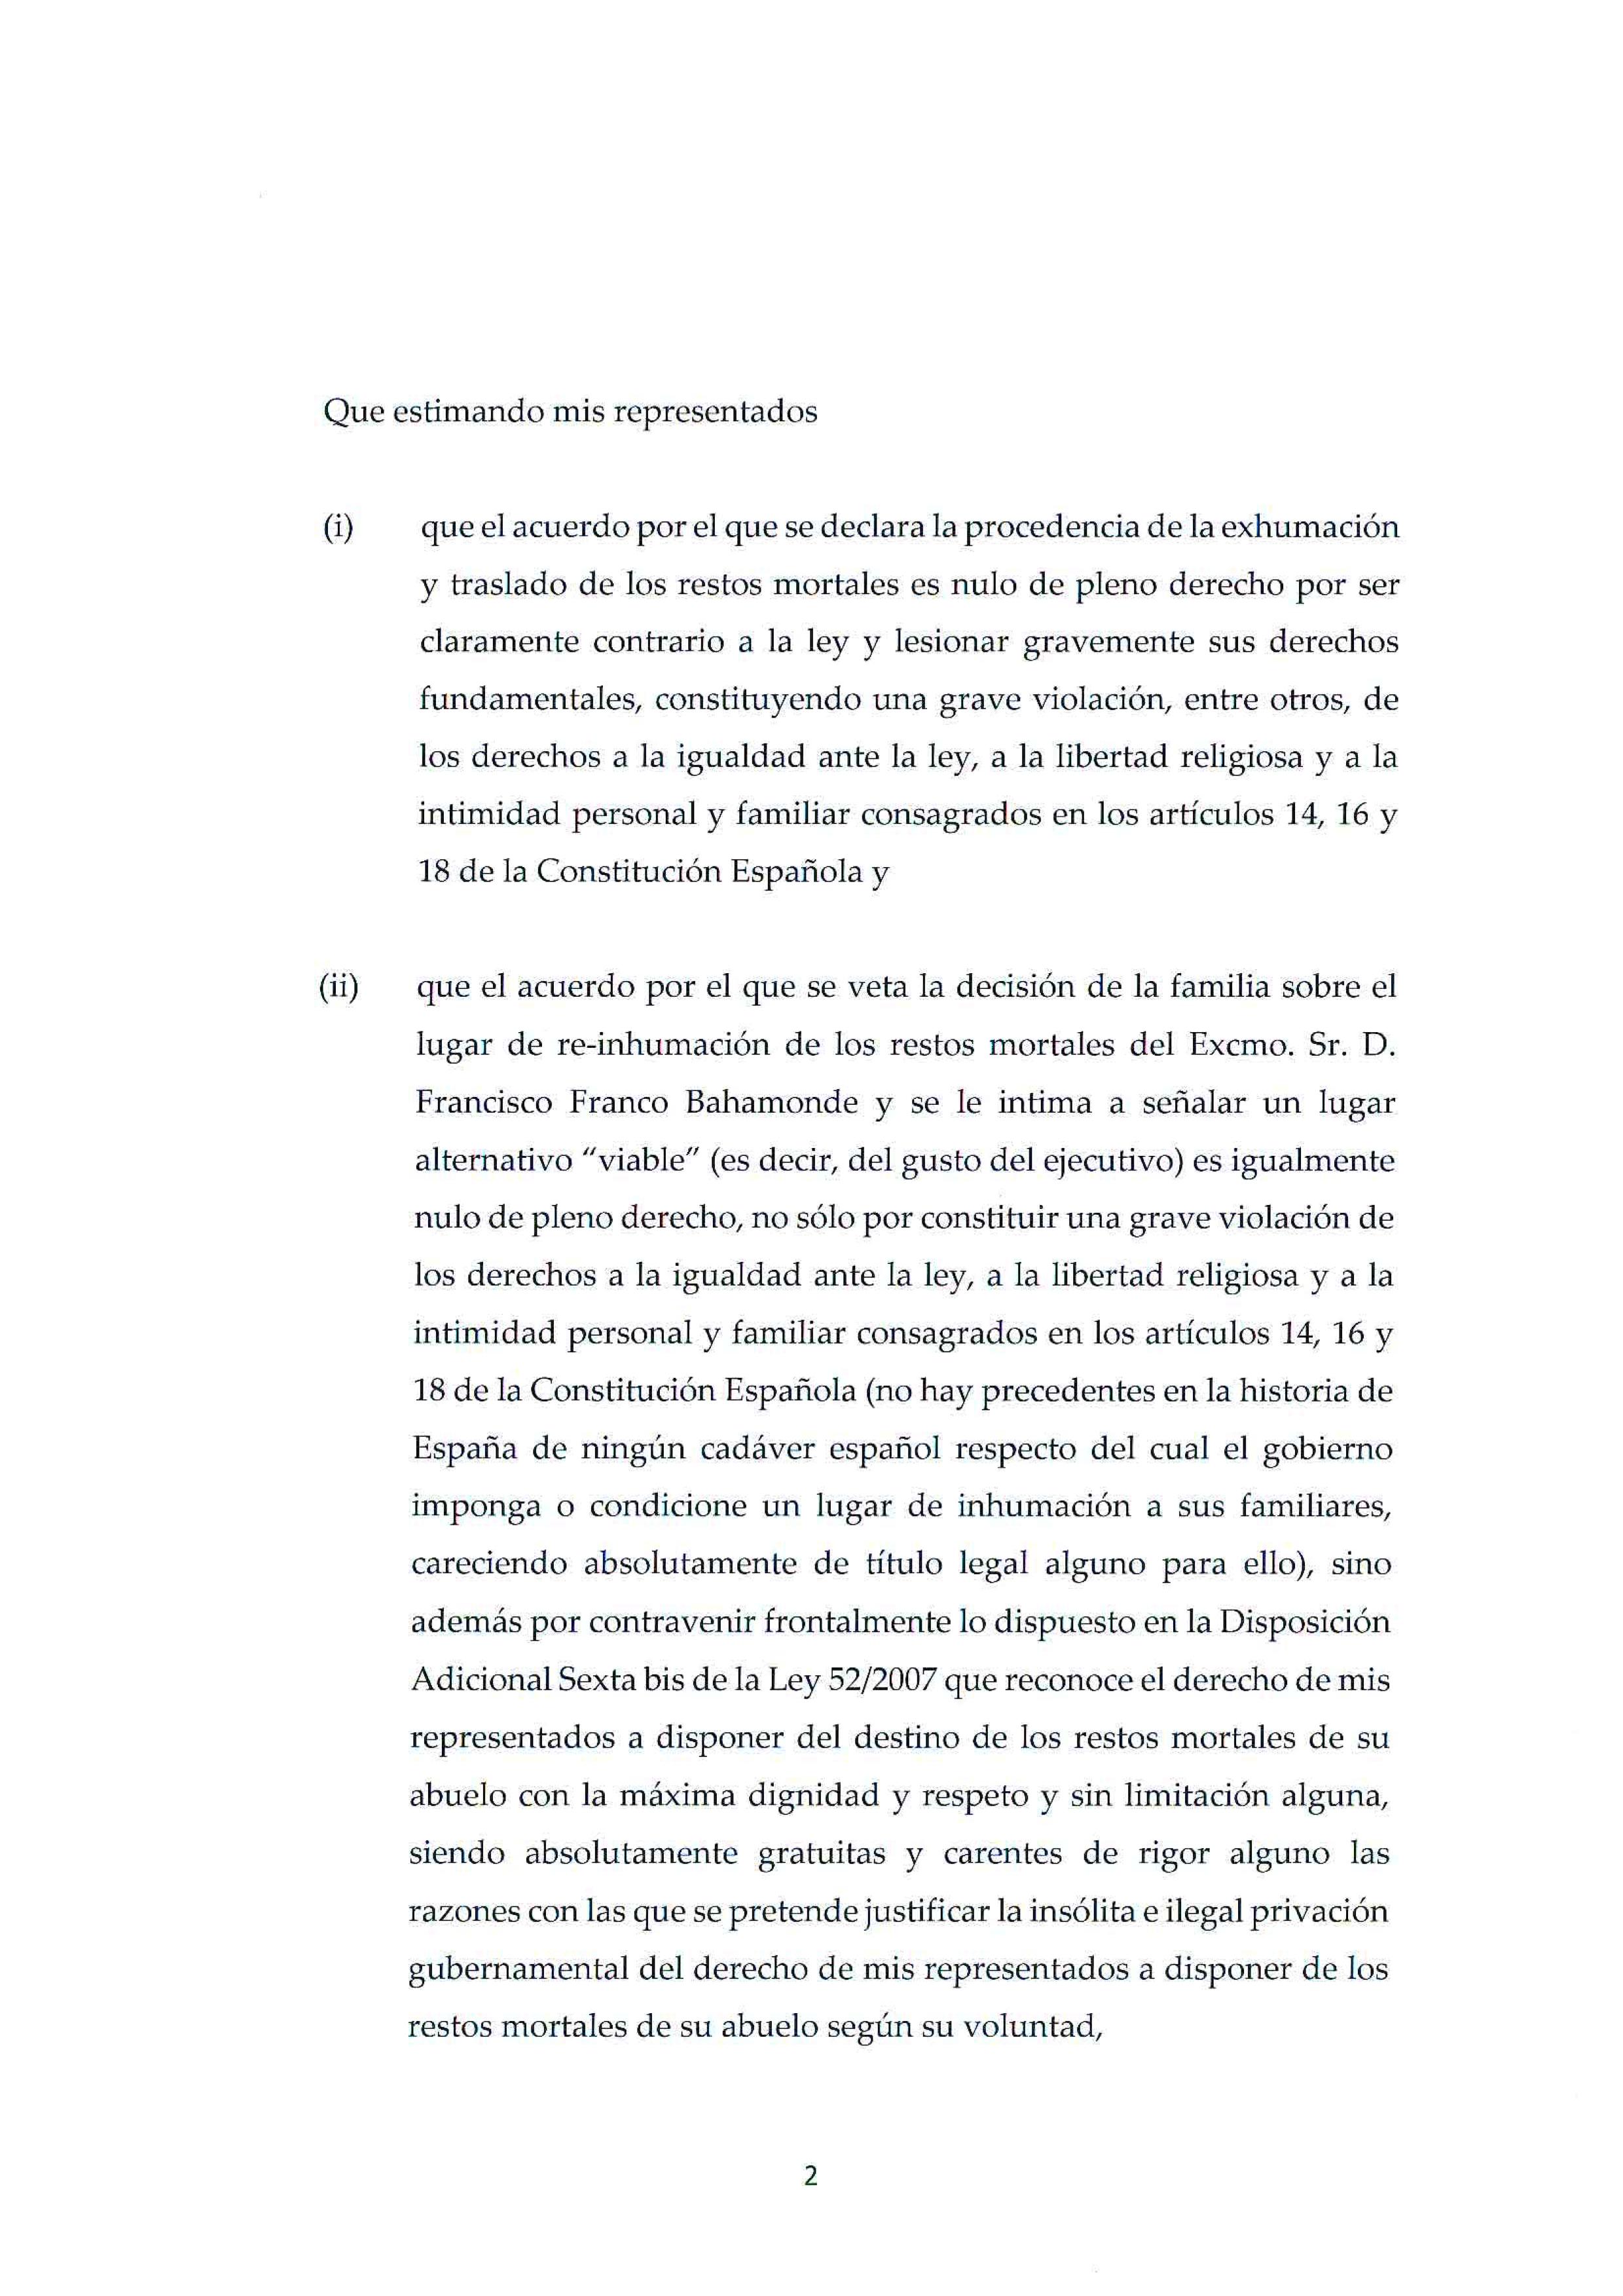 Escrito_al_Consejo_de_Ministros_anunciando_interposición_de_RCA_07.03_-_2